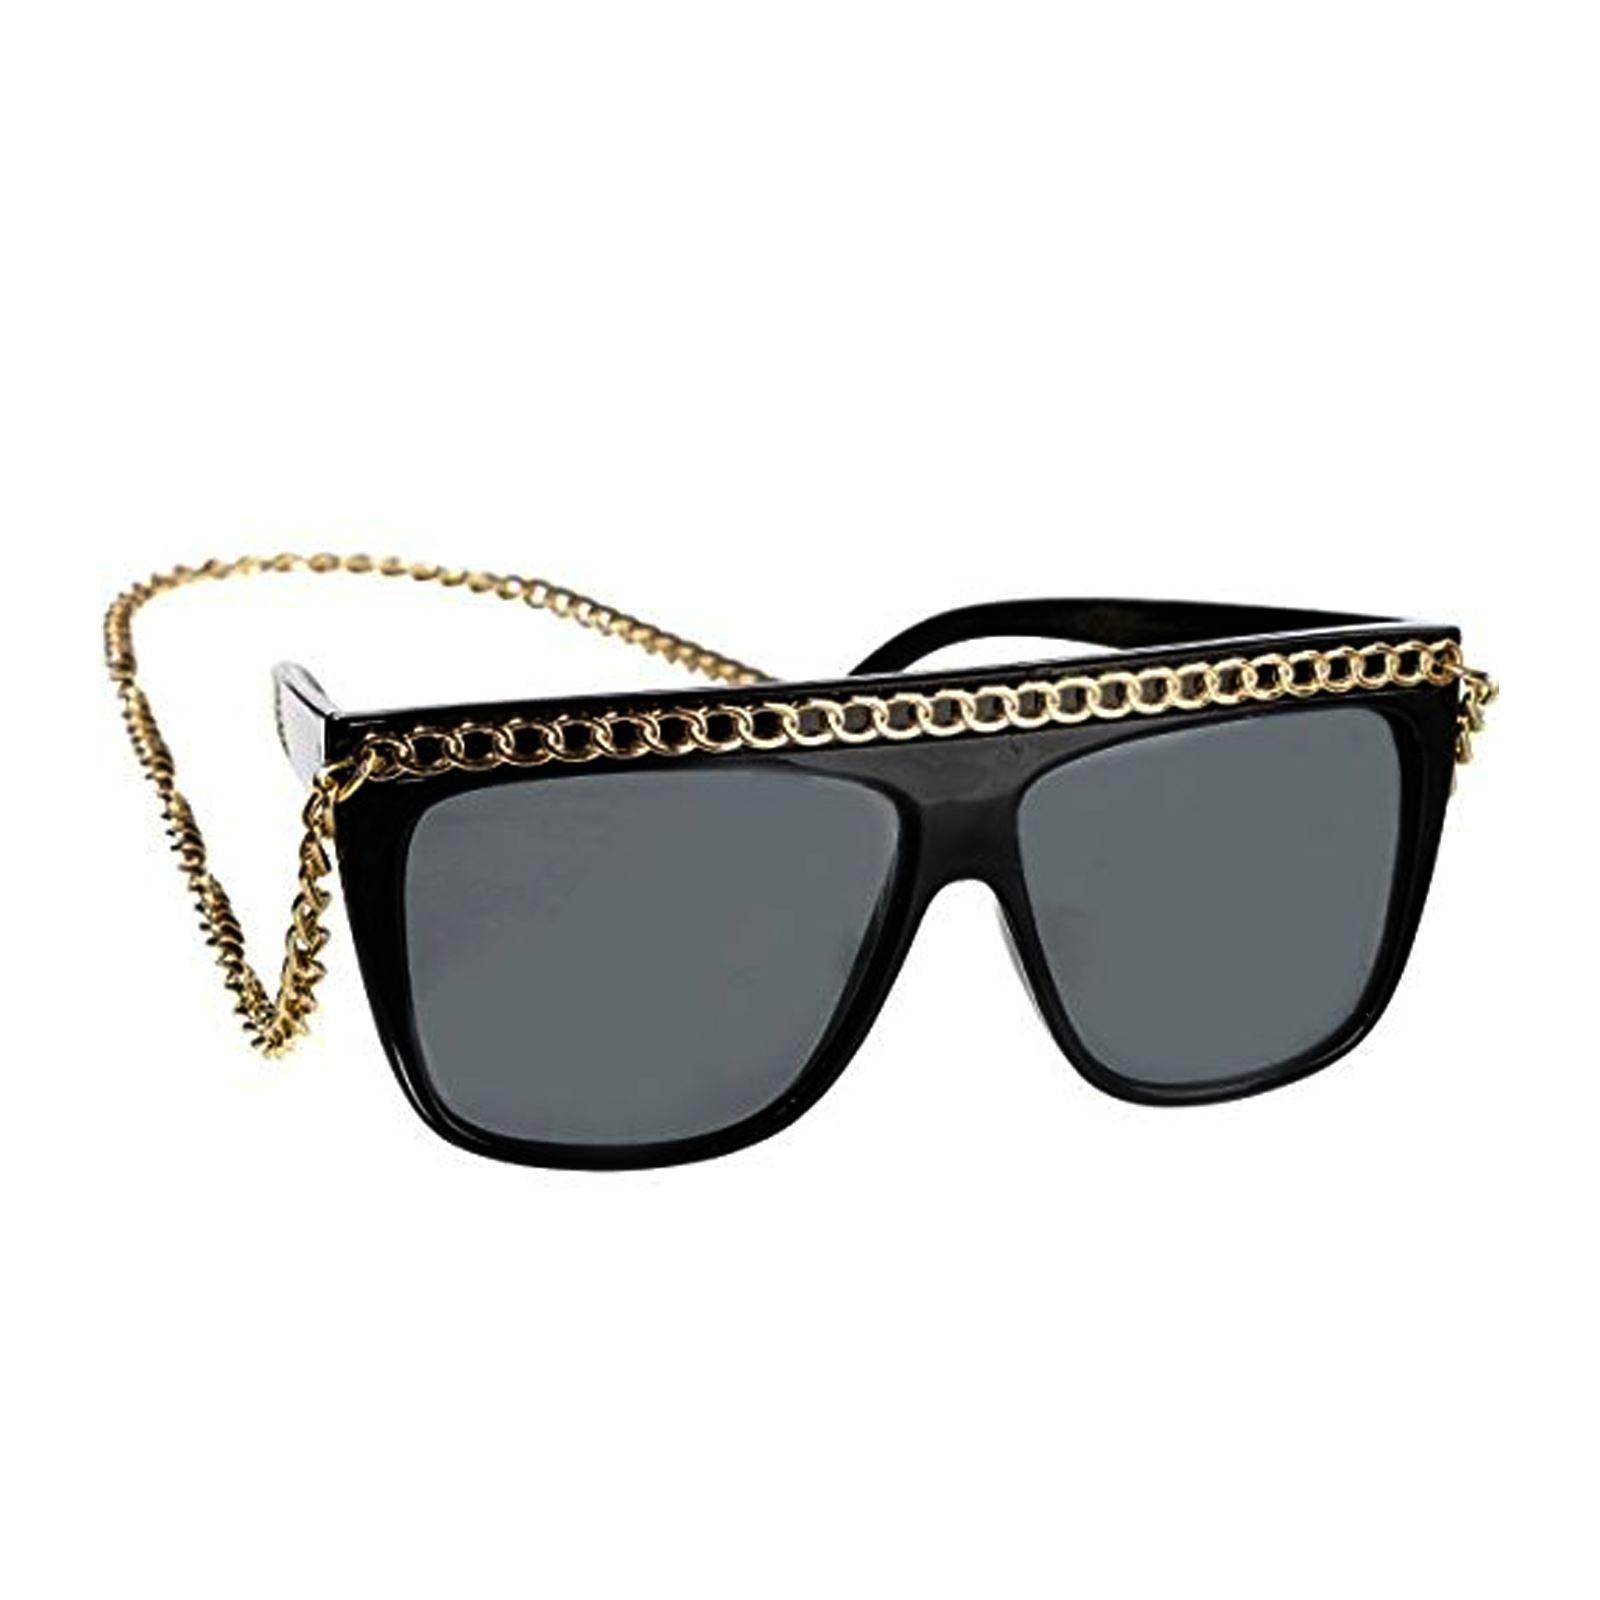 hip hop sonnenbrille goldkette gangster rapper promi kost m zubeh r ebay. Black Bedroom Furniture Sets. Home Design Ideas